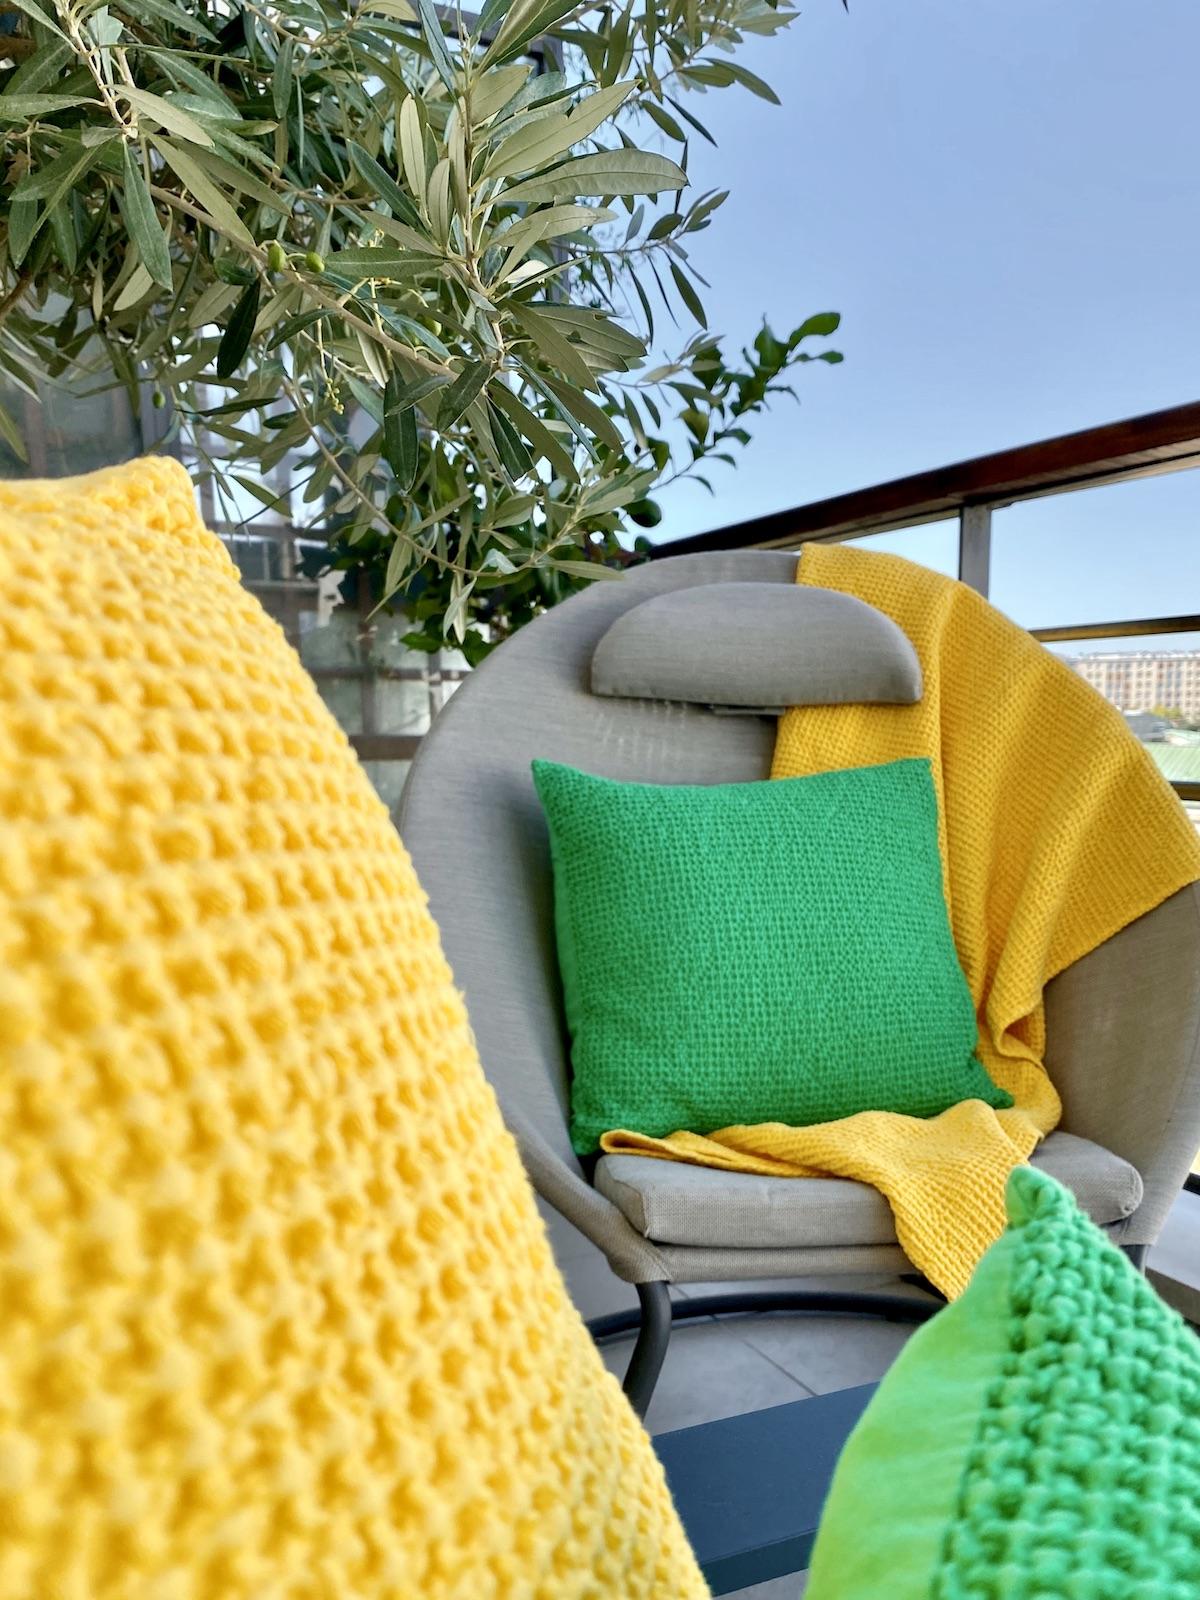 meuble jardin balcon fauteuil relax fabriqué en France beige design